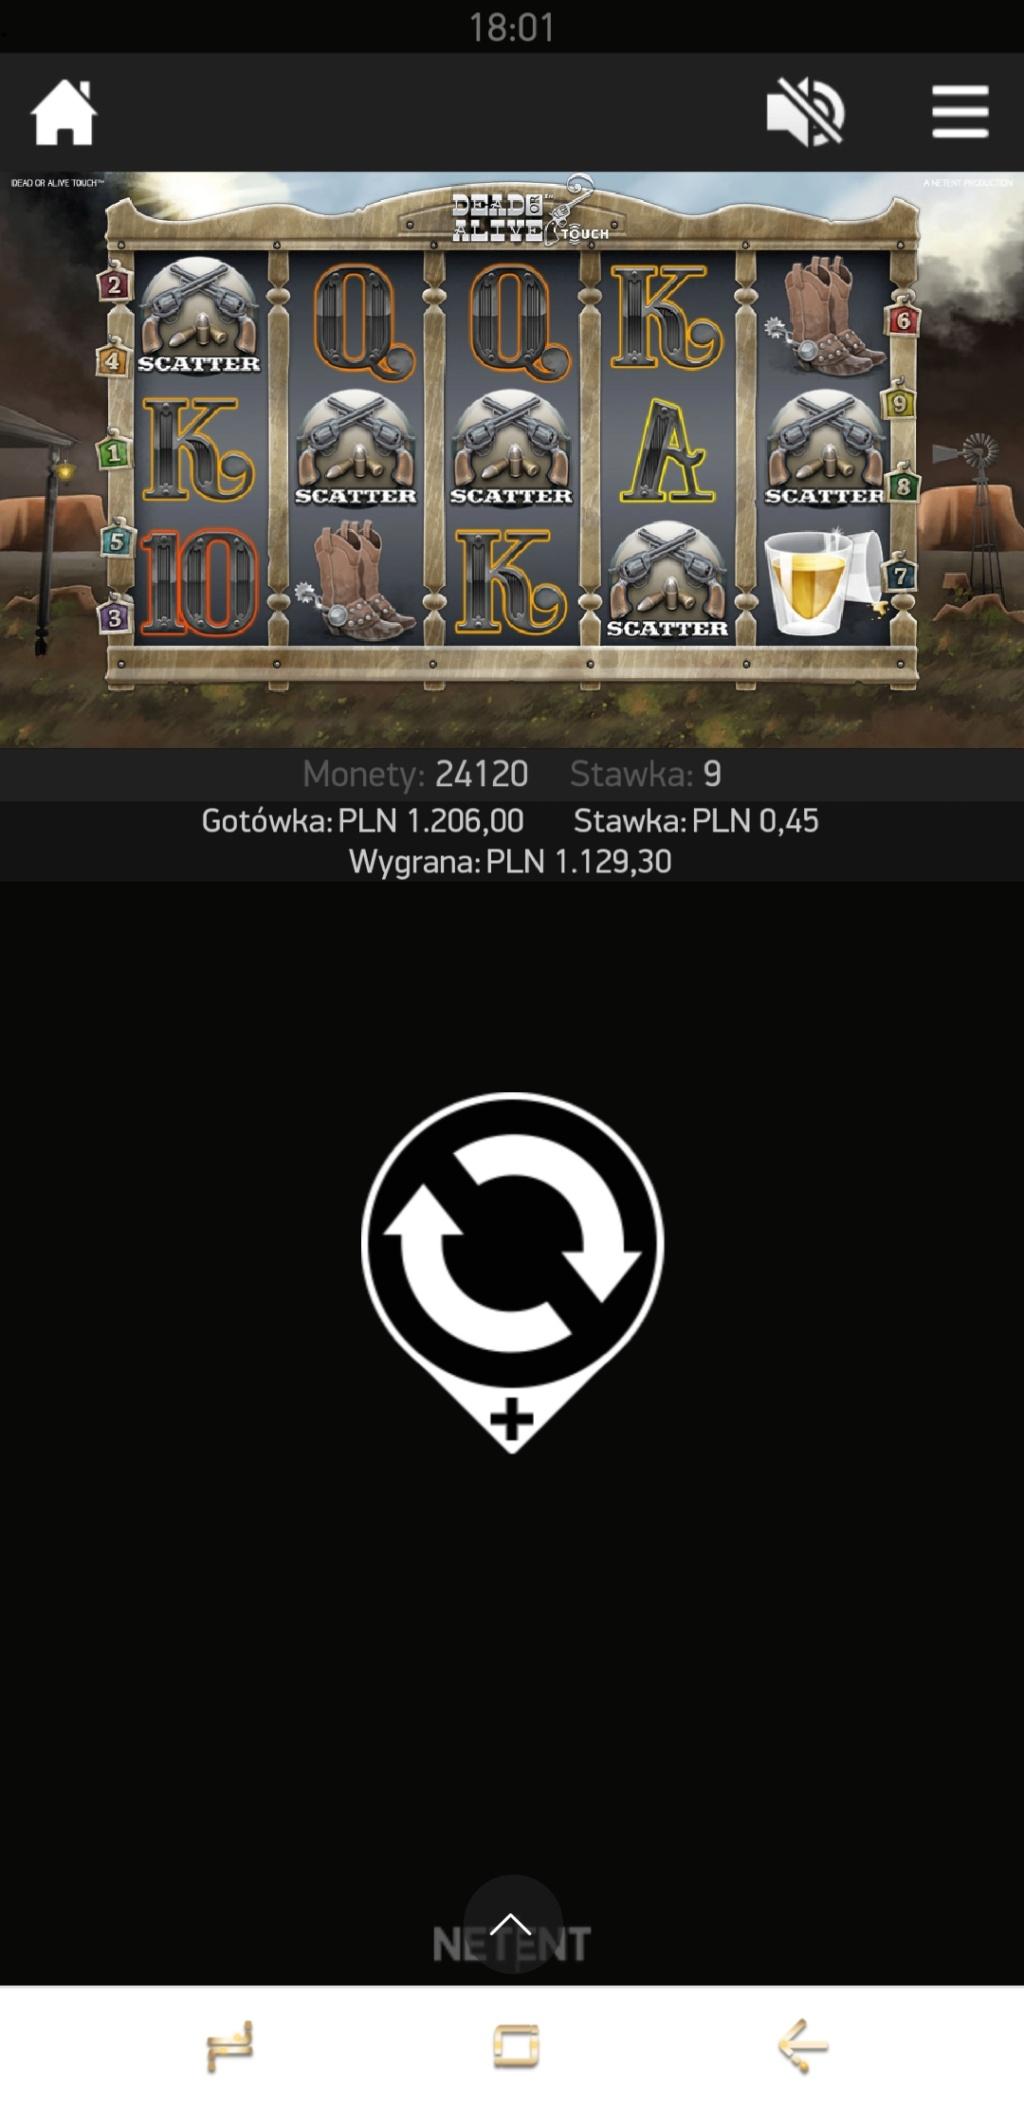 Screenshoty naszych wygranych (minimum 200zł - 50 euro) - kasyno - Page 33 Screen41